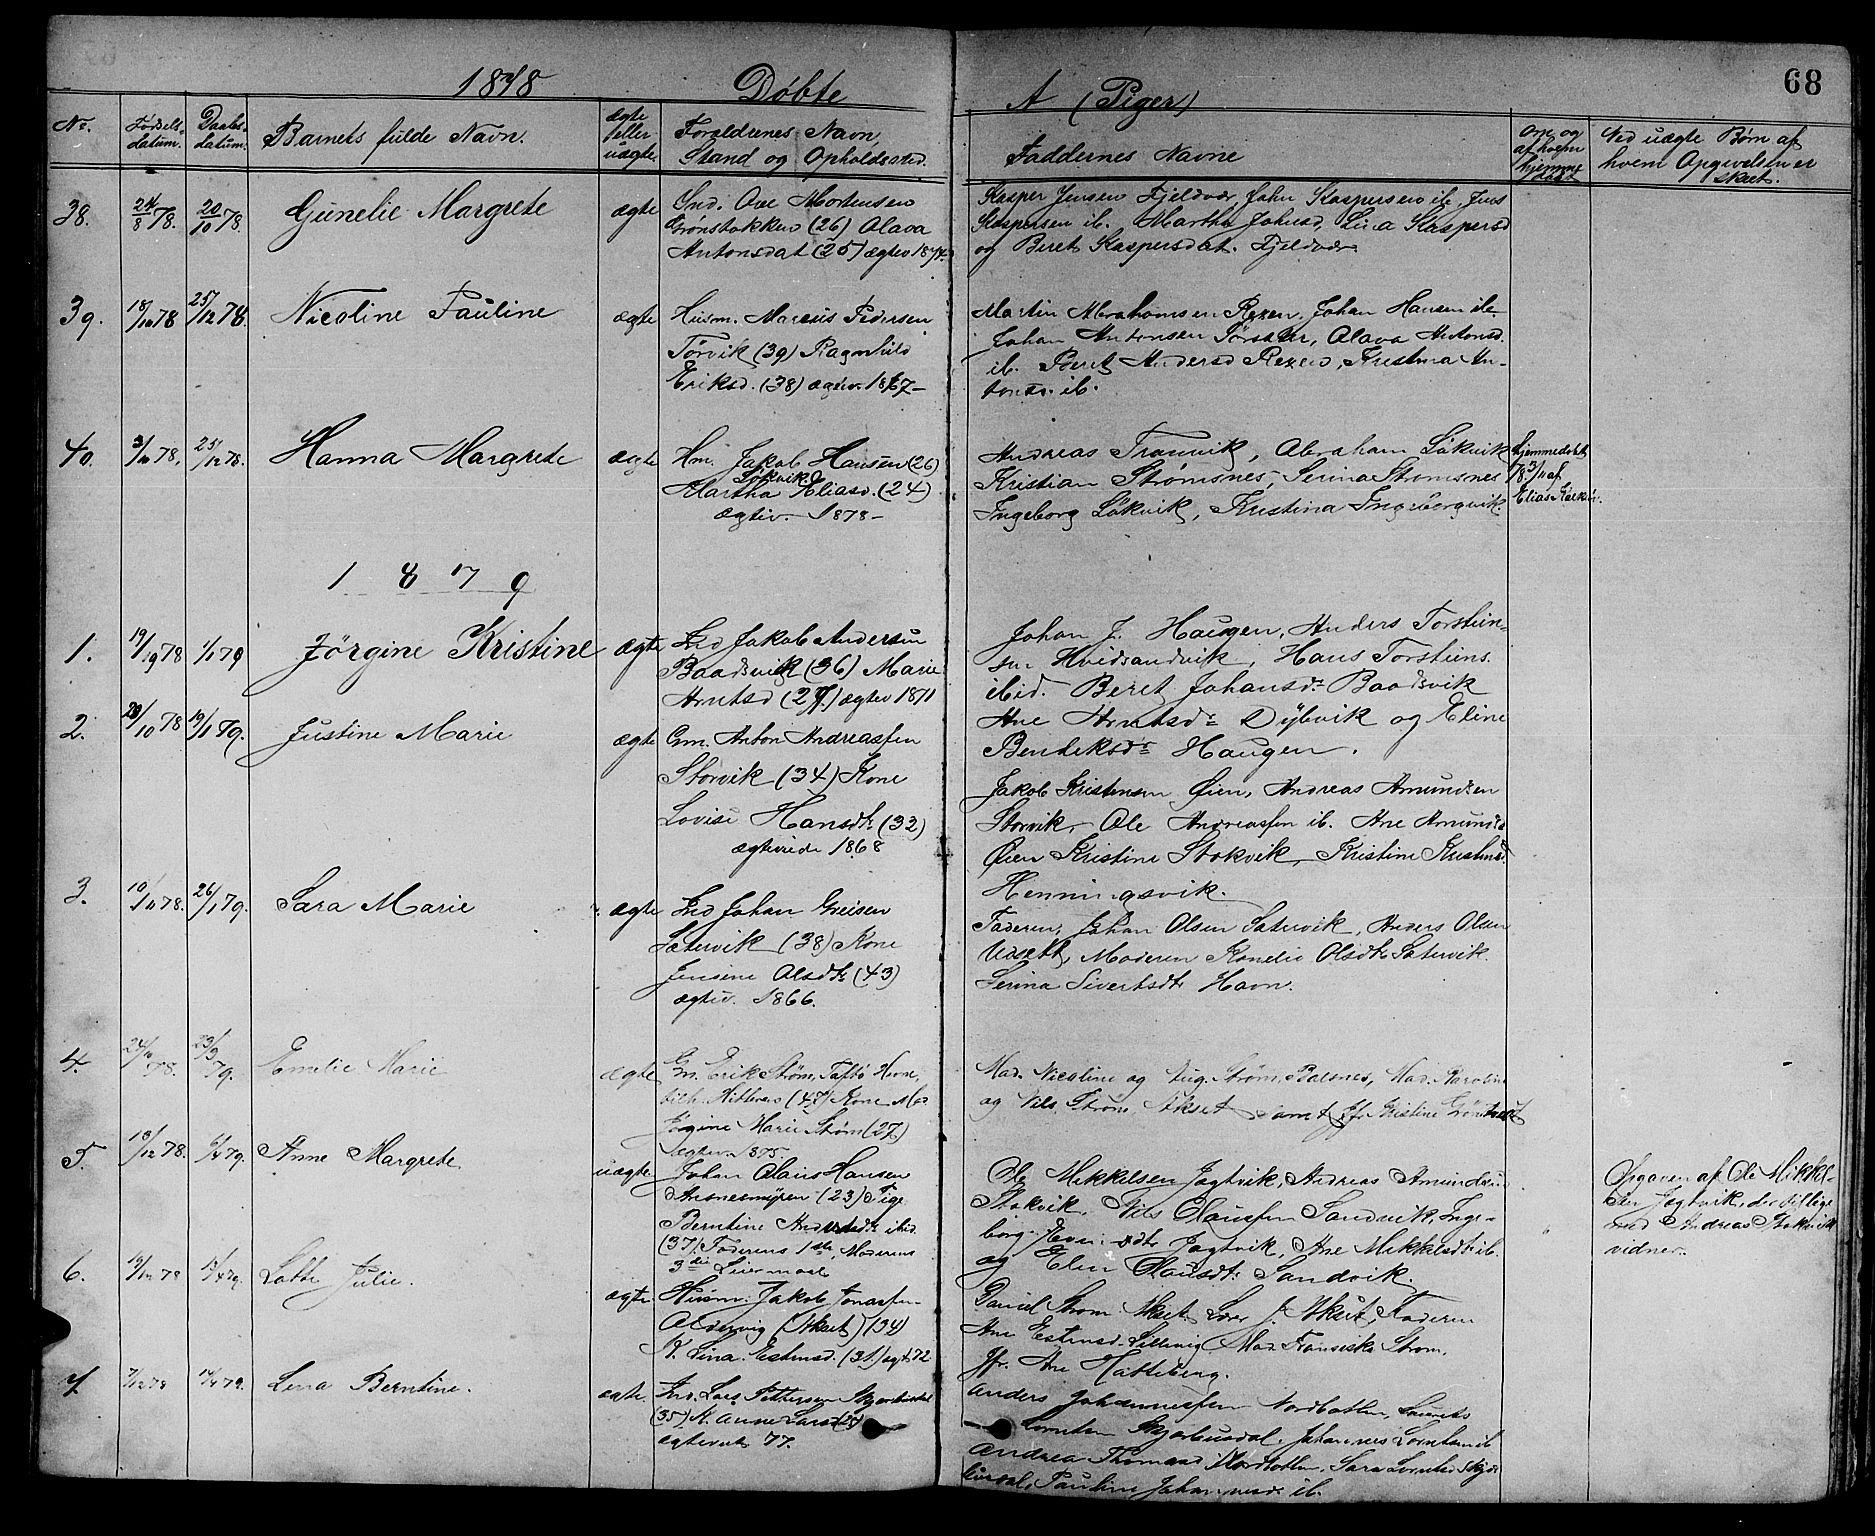 SAT, Ministerialprotokoller, klokkerbøker og fødselsregistre - Sør-Trøndelag, 637/L0561: Klokkerbok nr. 637C02, 1873-1882, s. 68